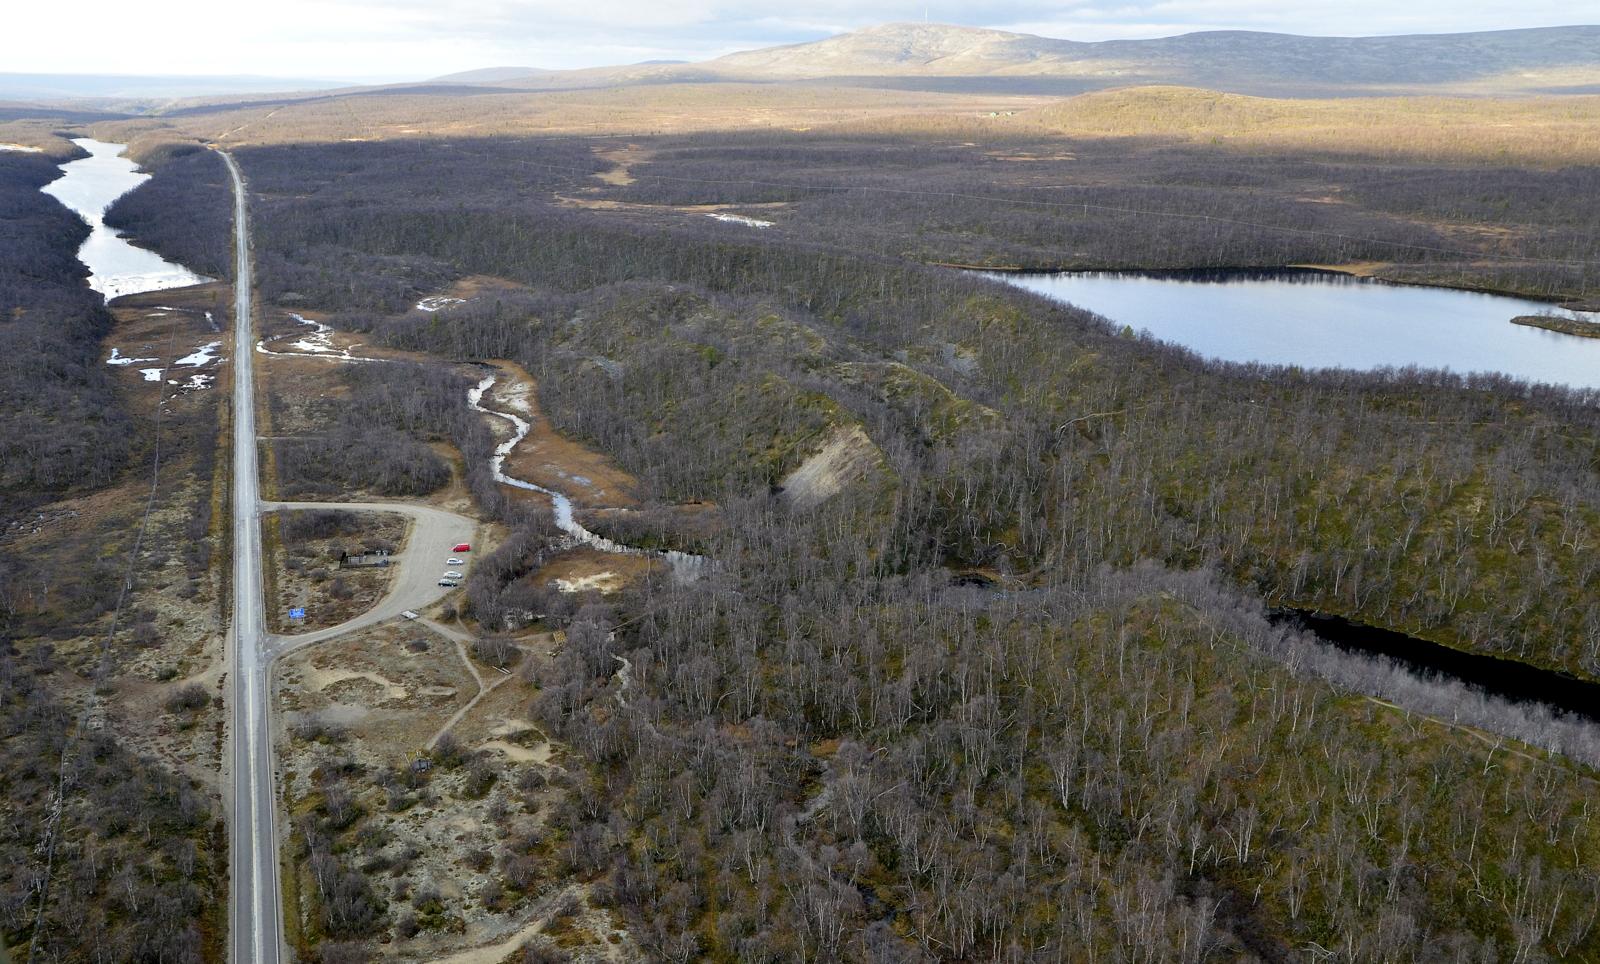 Suomen suurin lähde oikealla ja siitä virtaavien vesien joki Sulaoja. Oikealla näkyy Ailigastunturi. Tien varren levike on Kevon vaellusreitin eteläinen pää.